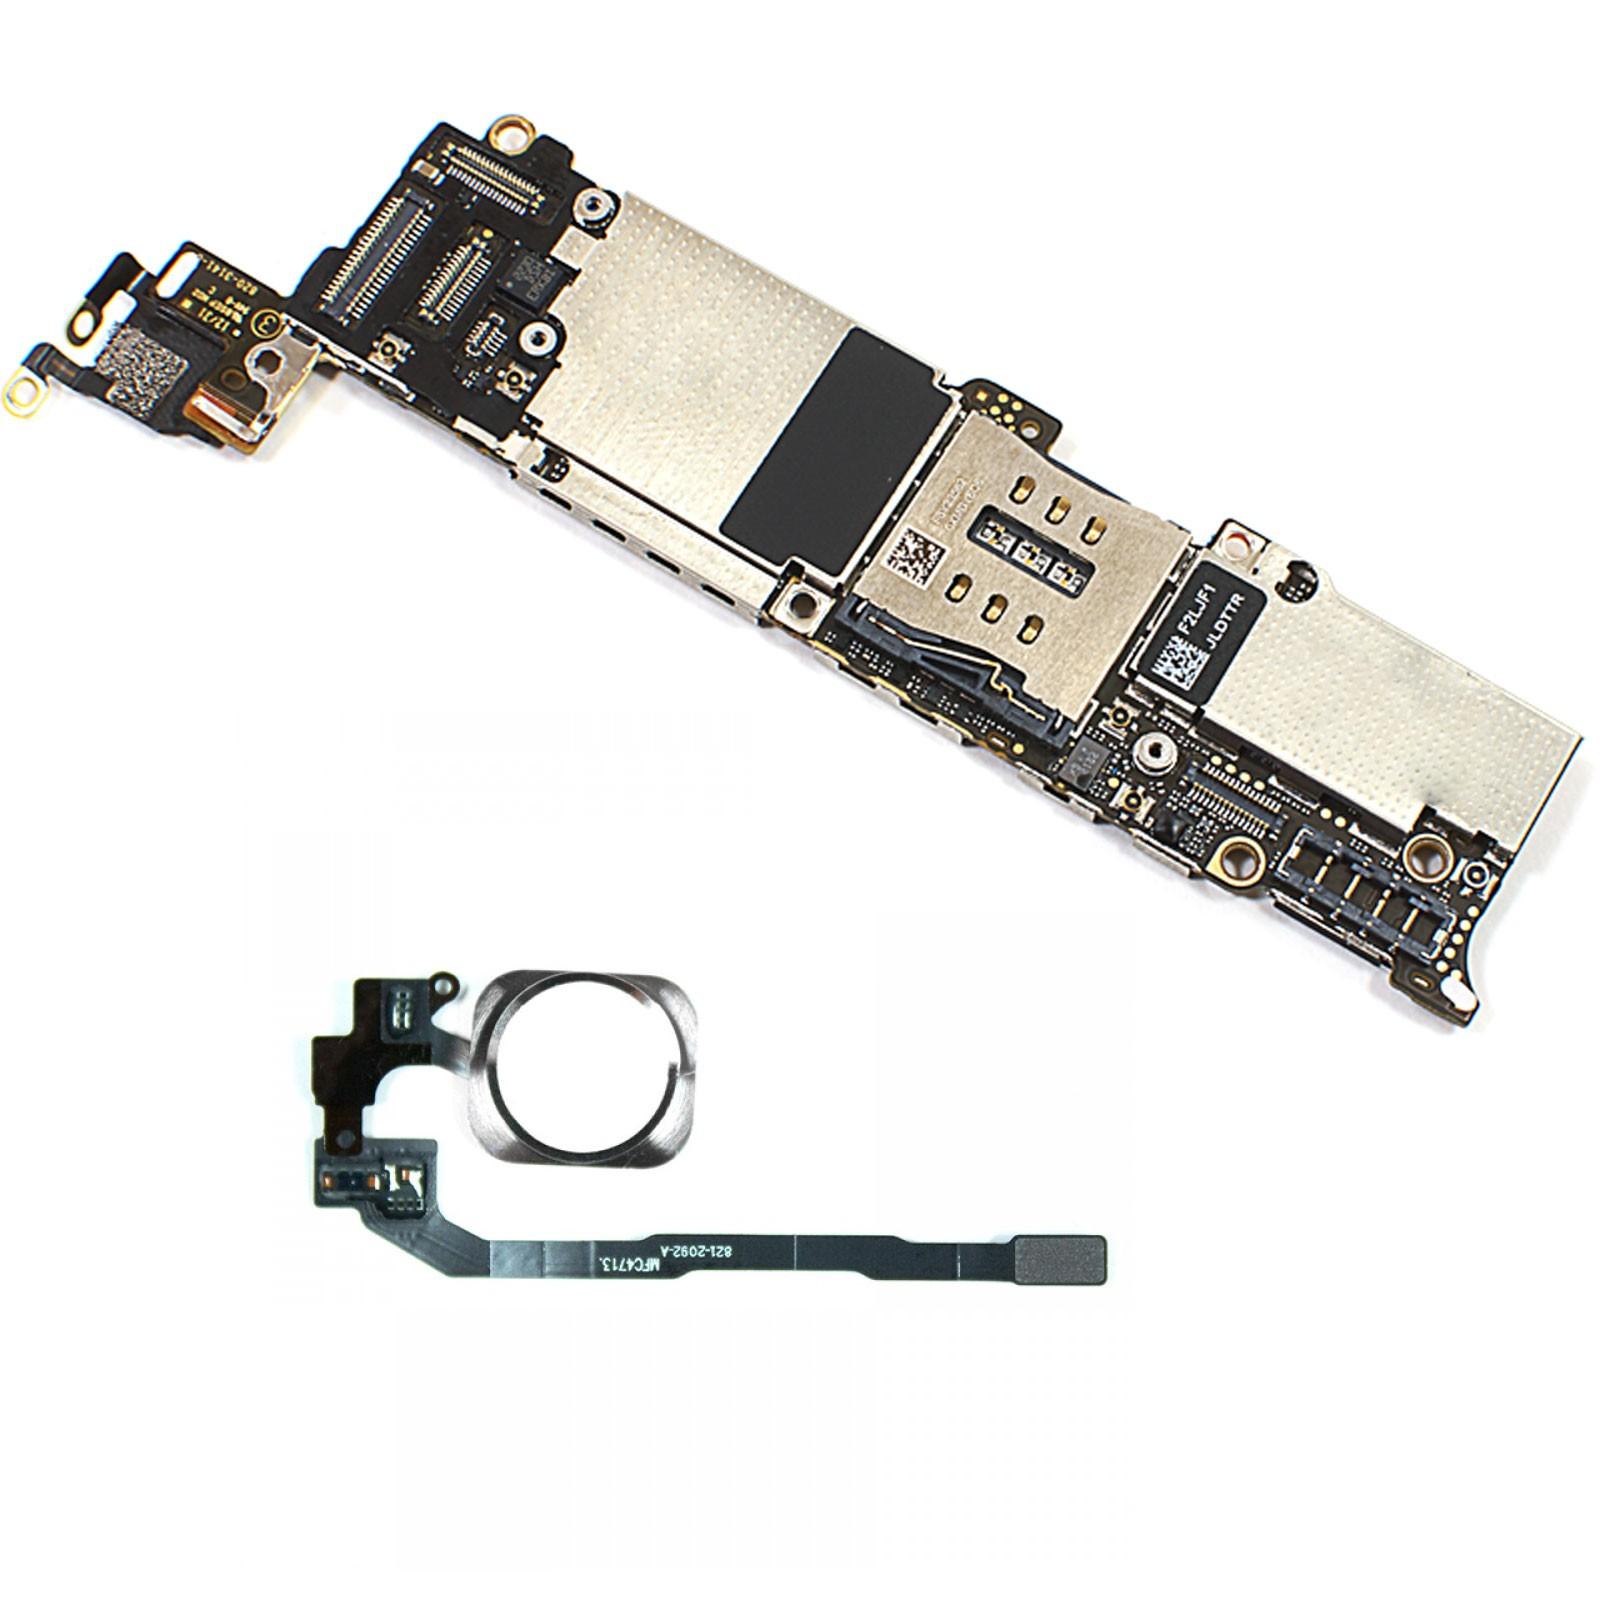 690212e6988 Placa Base para Apple iPhone 5S 32GB Con Touch iD / Boton Plata 100%  Original LIBRE - ARREGLATELO.ES